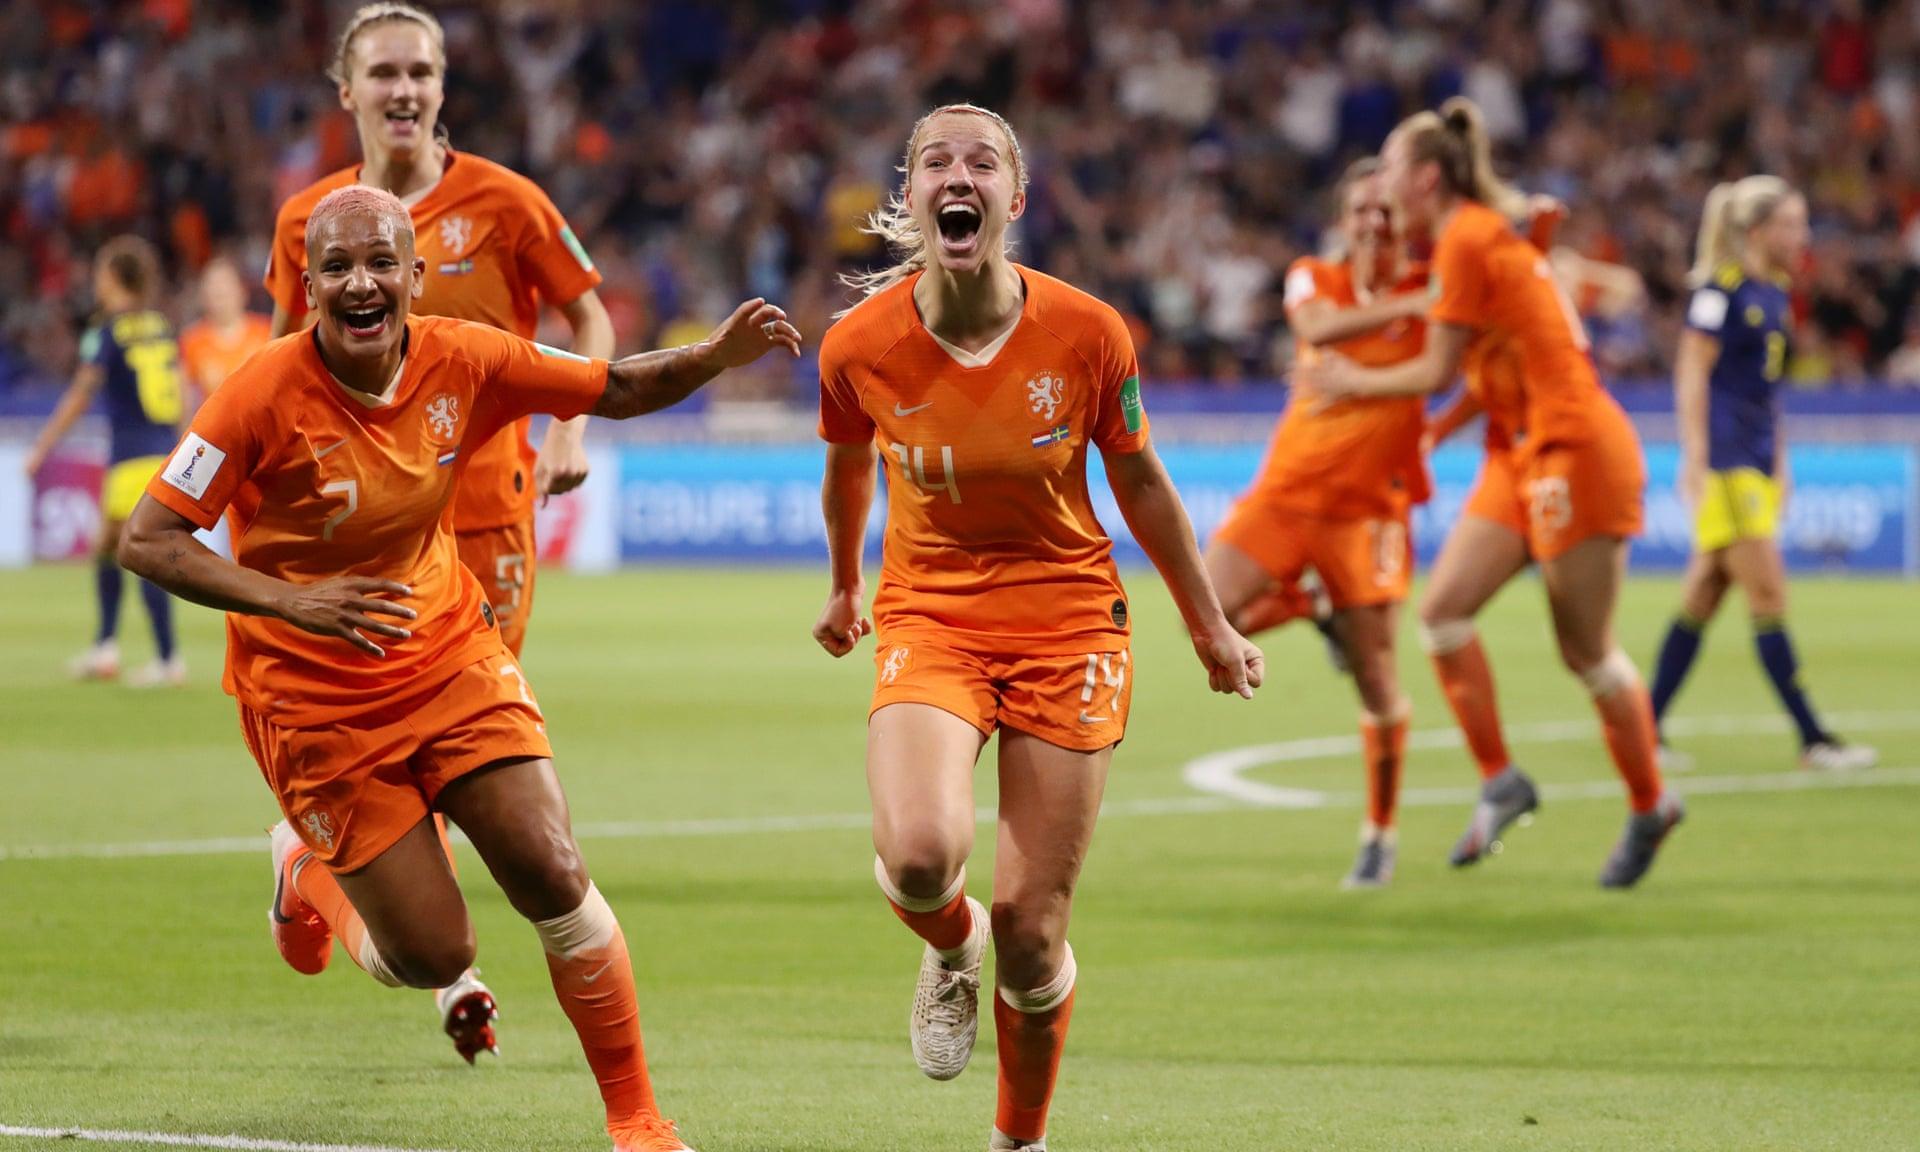 Netherlands Women's World Cup